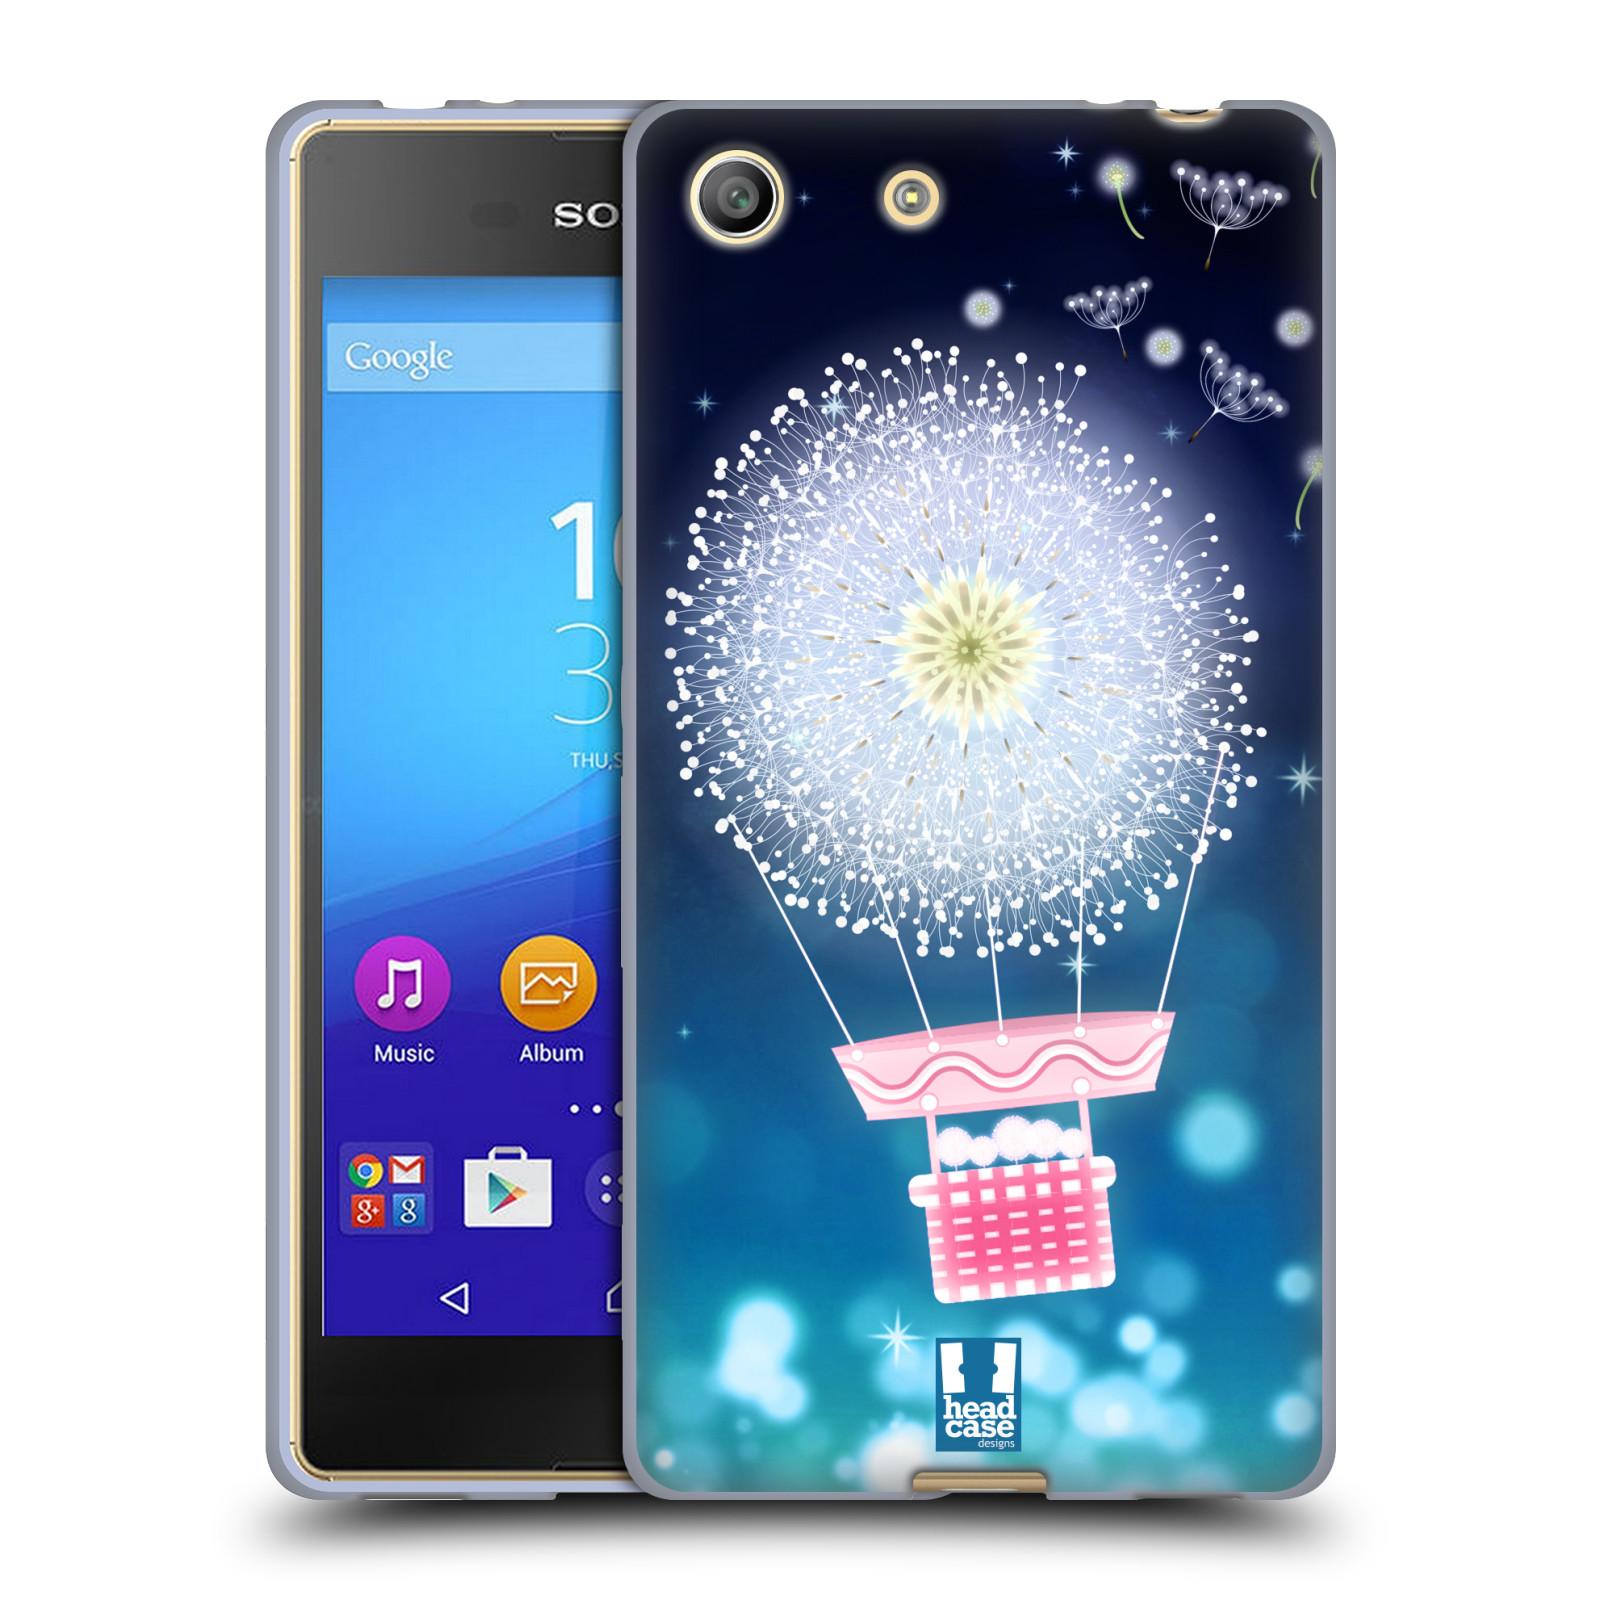 Silikonové pouzdro na mobil Sony Xperia M5 HEAD CASE Pampeliškový balón (Silikonový kryt či obal na mobilní telefon Sony Xperia M5 Dual SIM / Aqua)